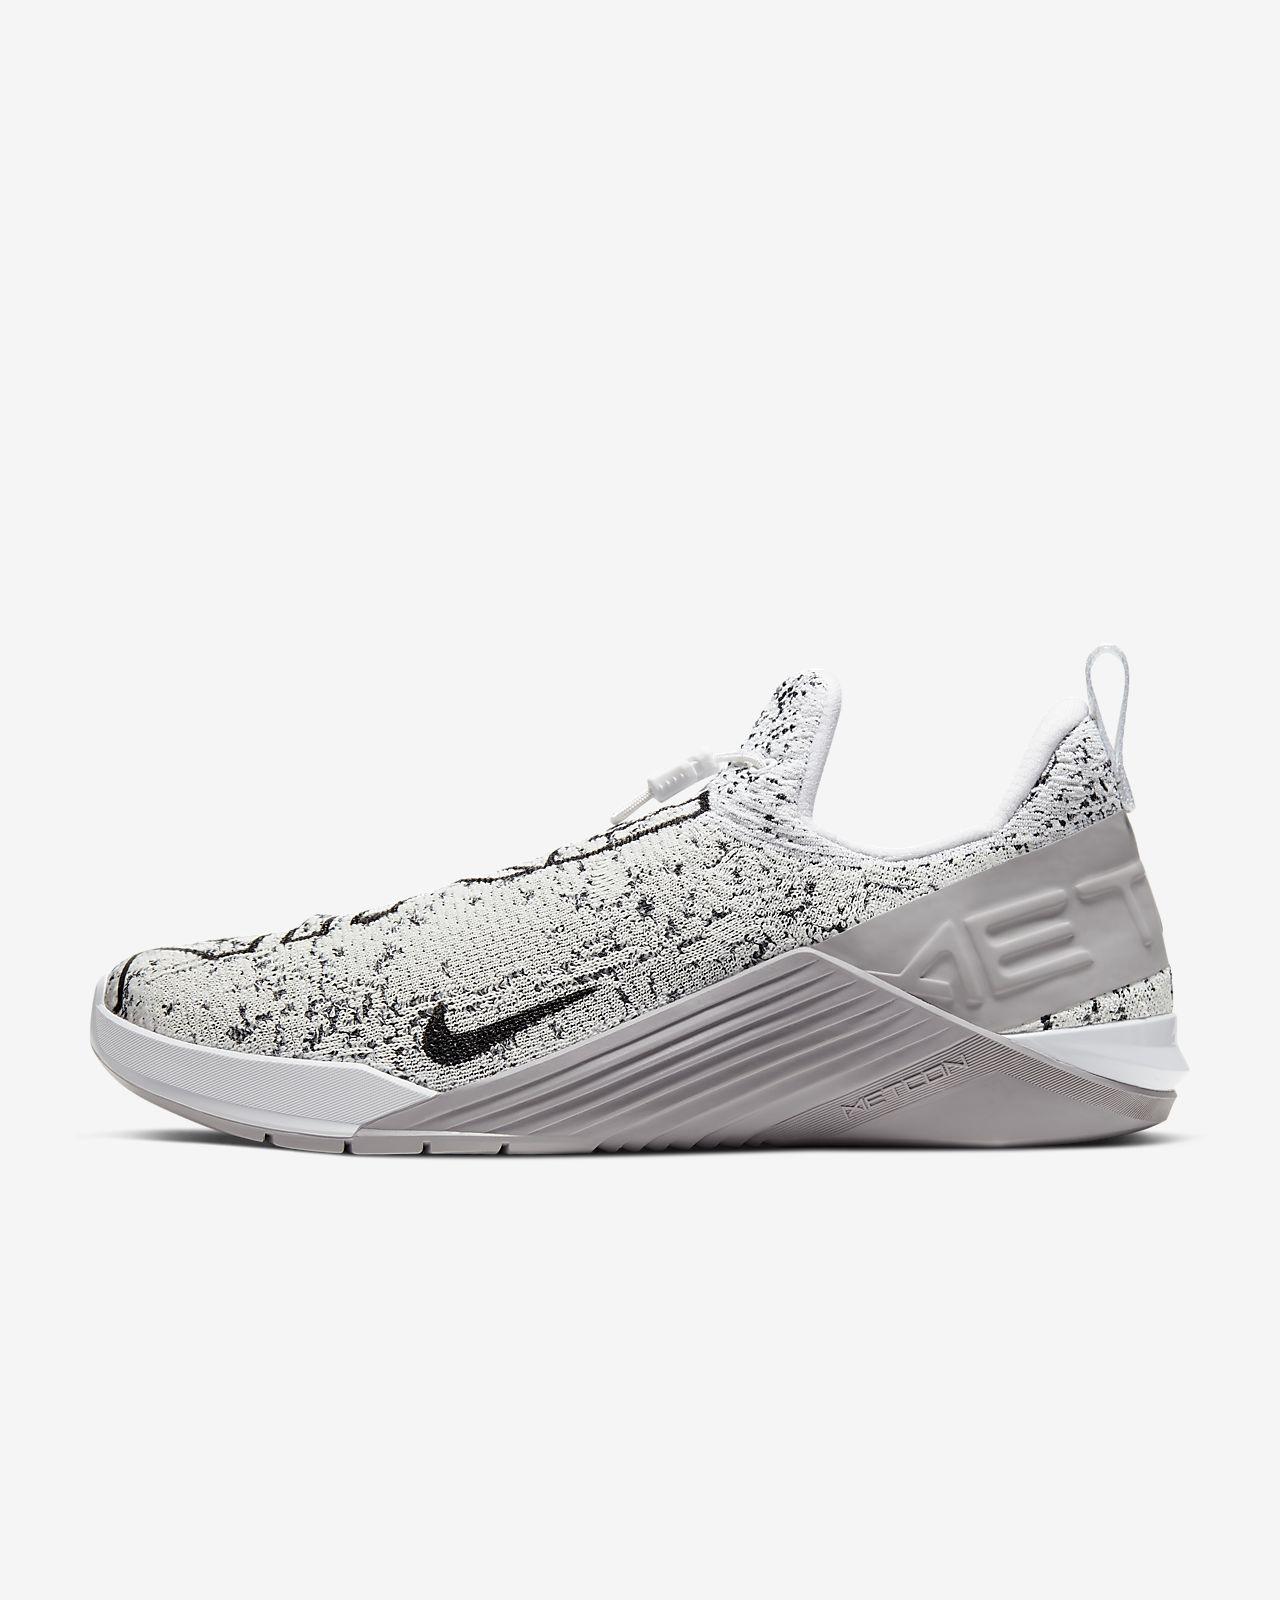 Nike React Metcon Herren-Trainingsschuh